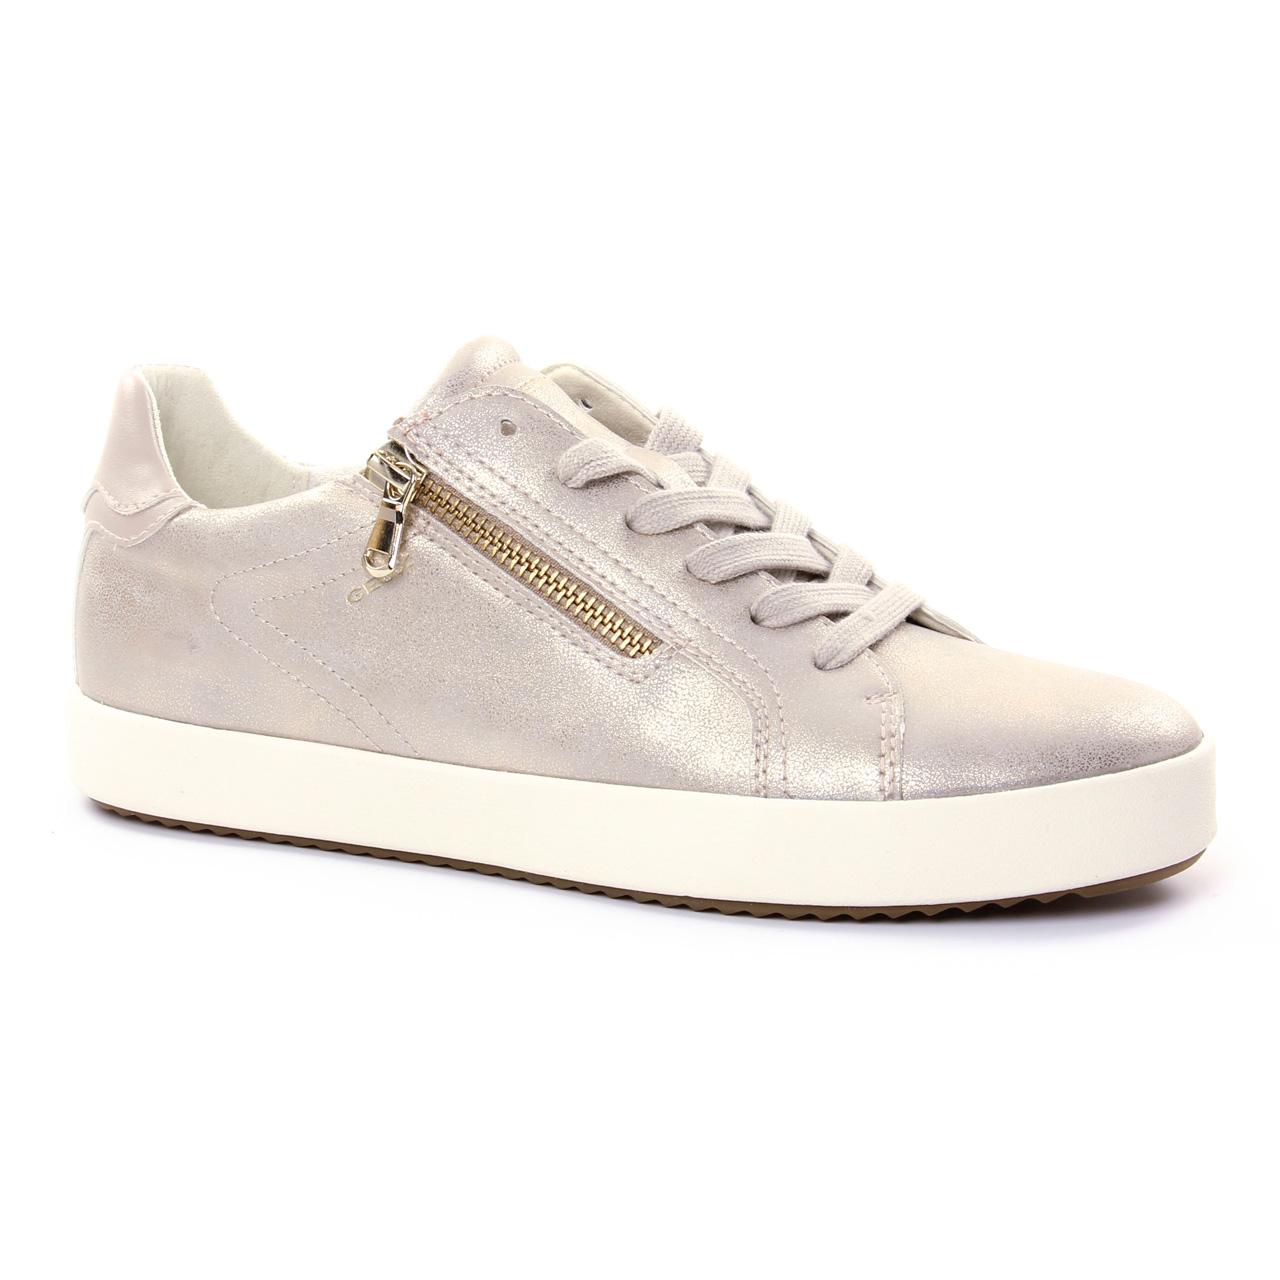 geox chaussures tennis ete femme